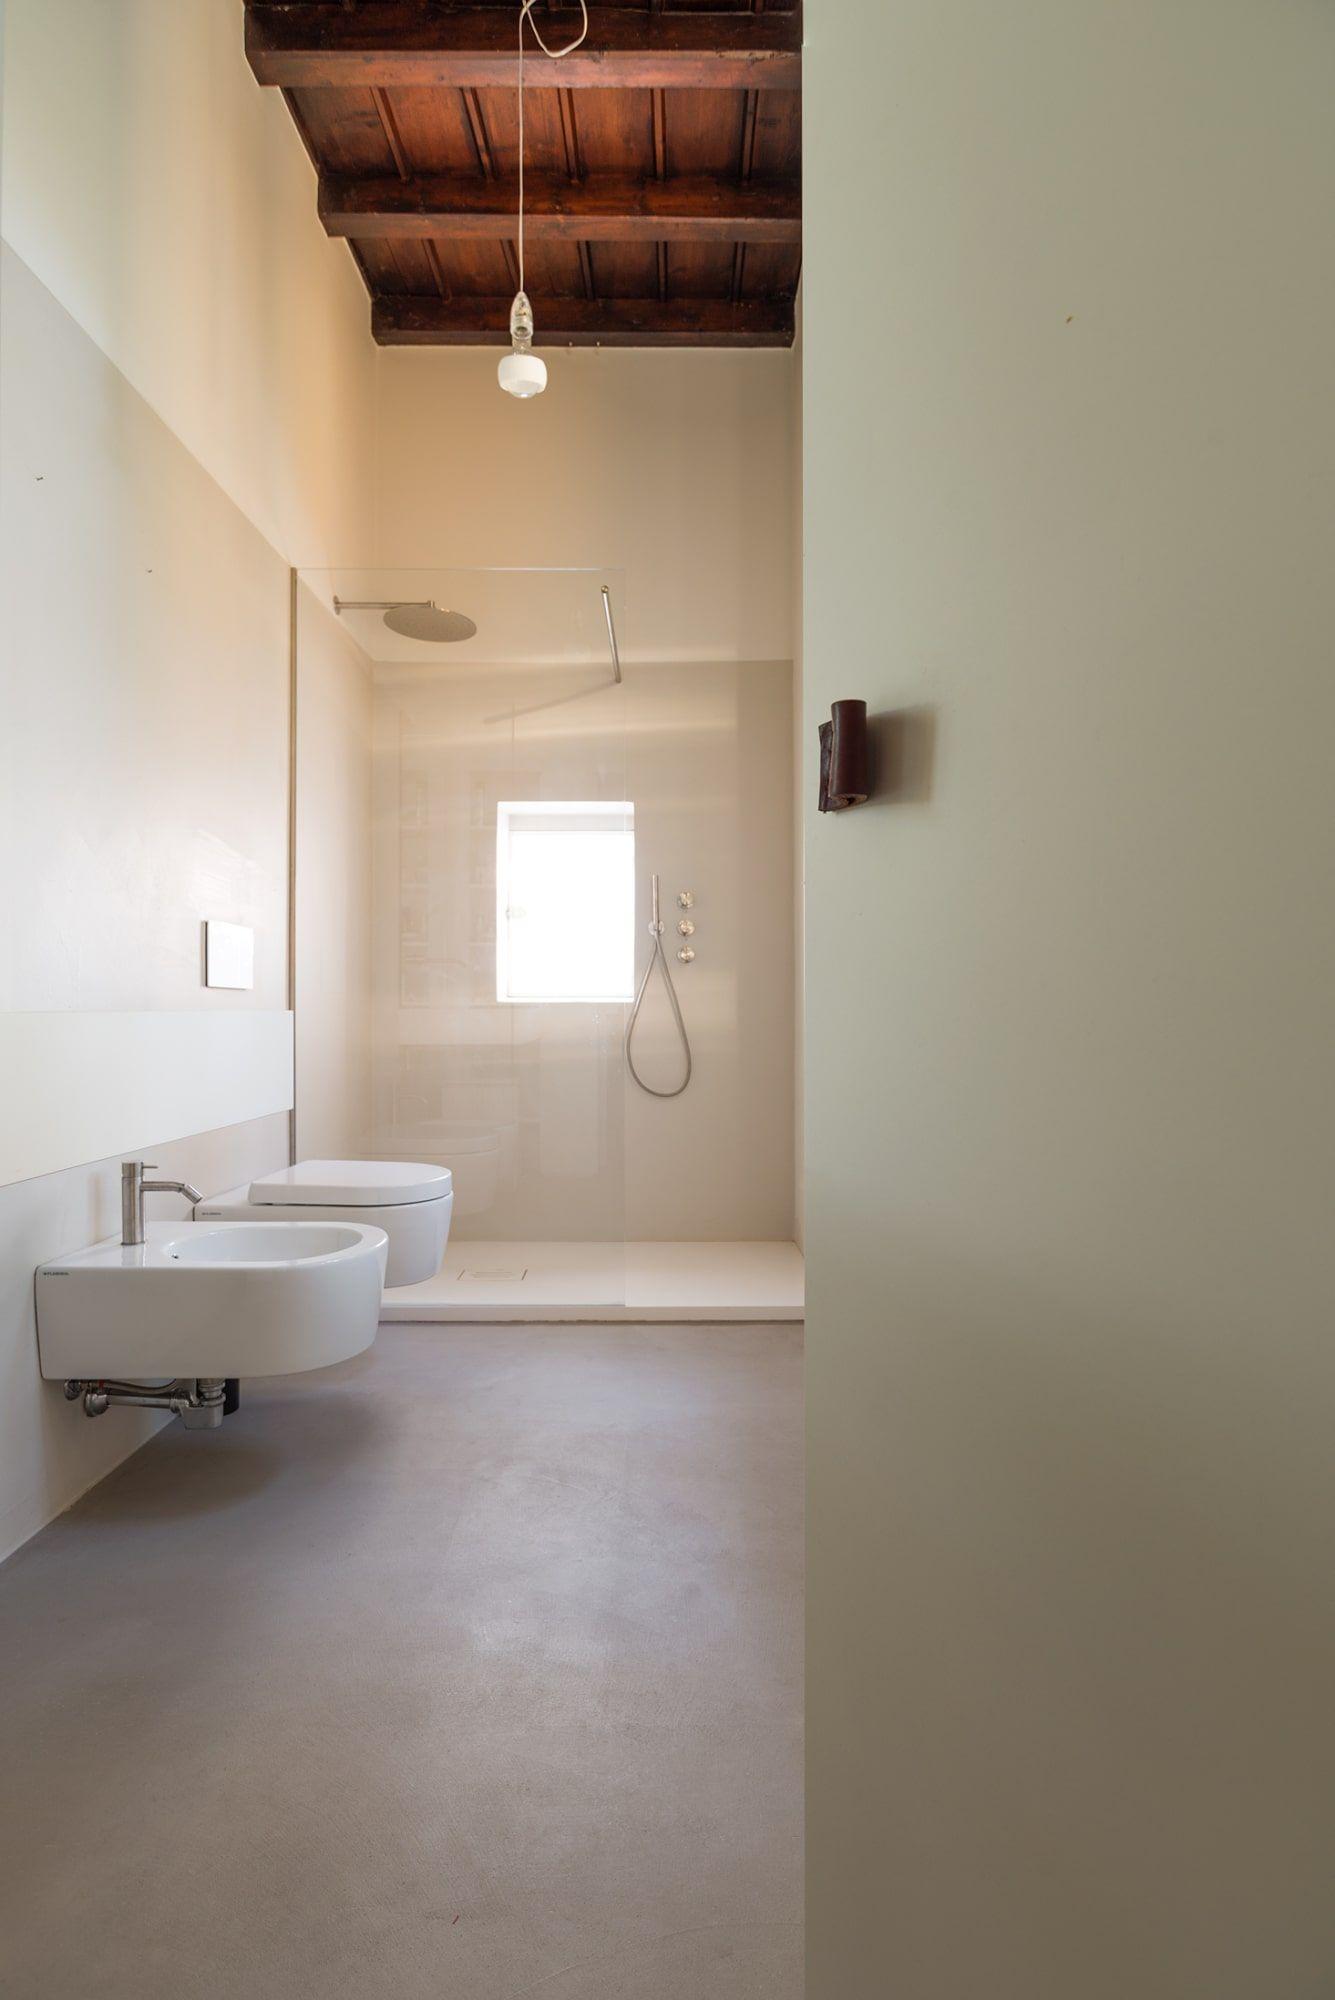 Duearchitetti simone bossi la casa di andrea bagni for Architettura di interni